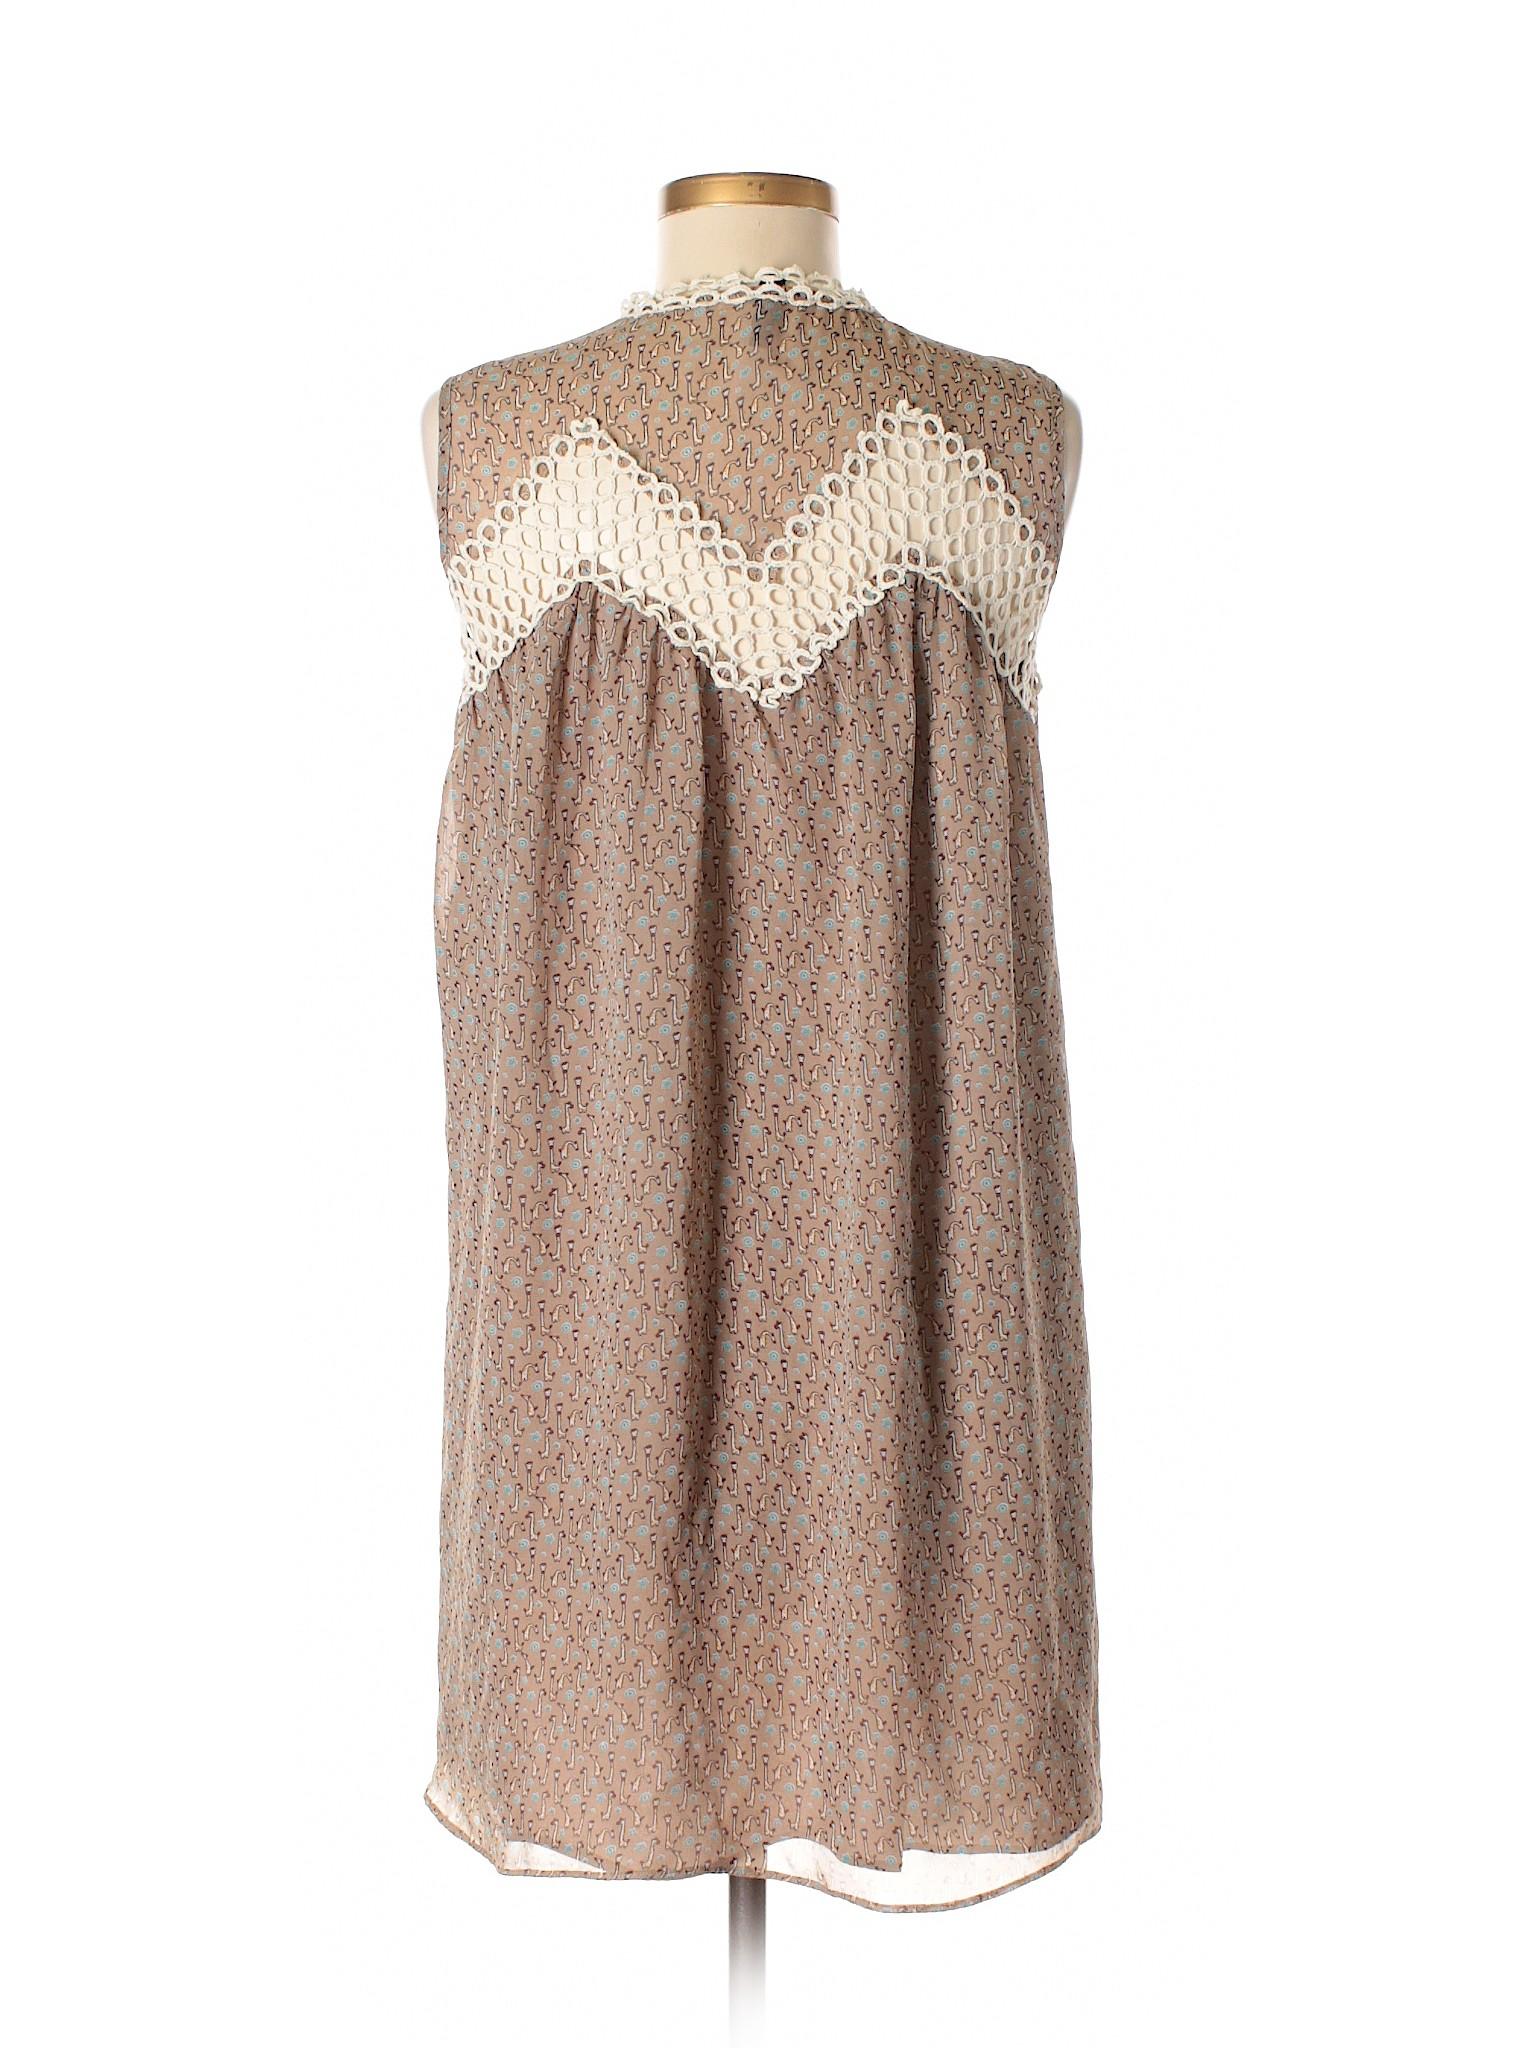 Co Dress amp; Casual Ark winter Boutique vwqPxp8f